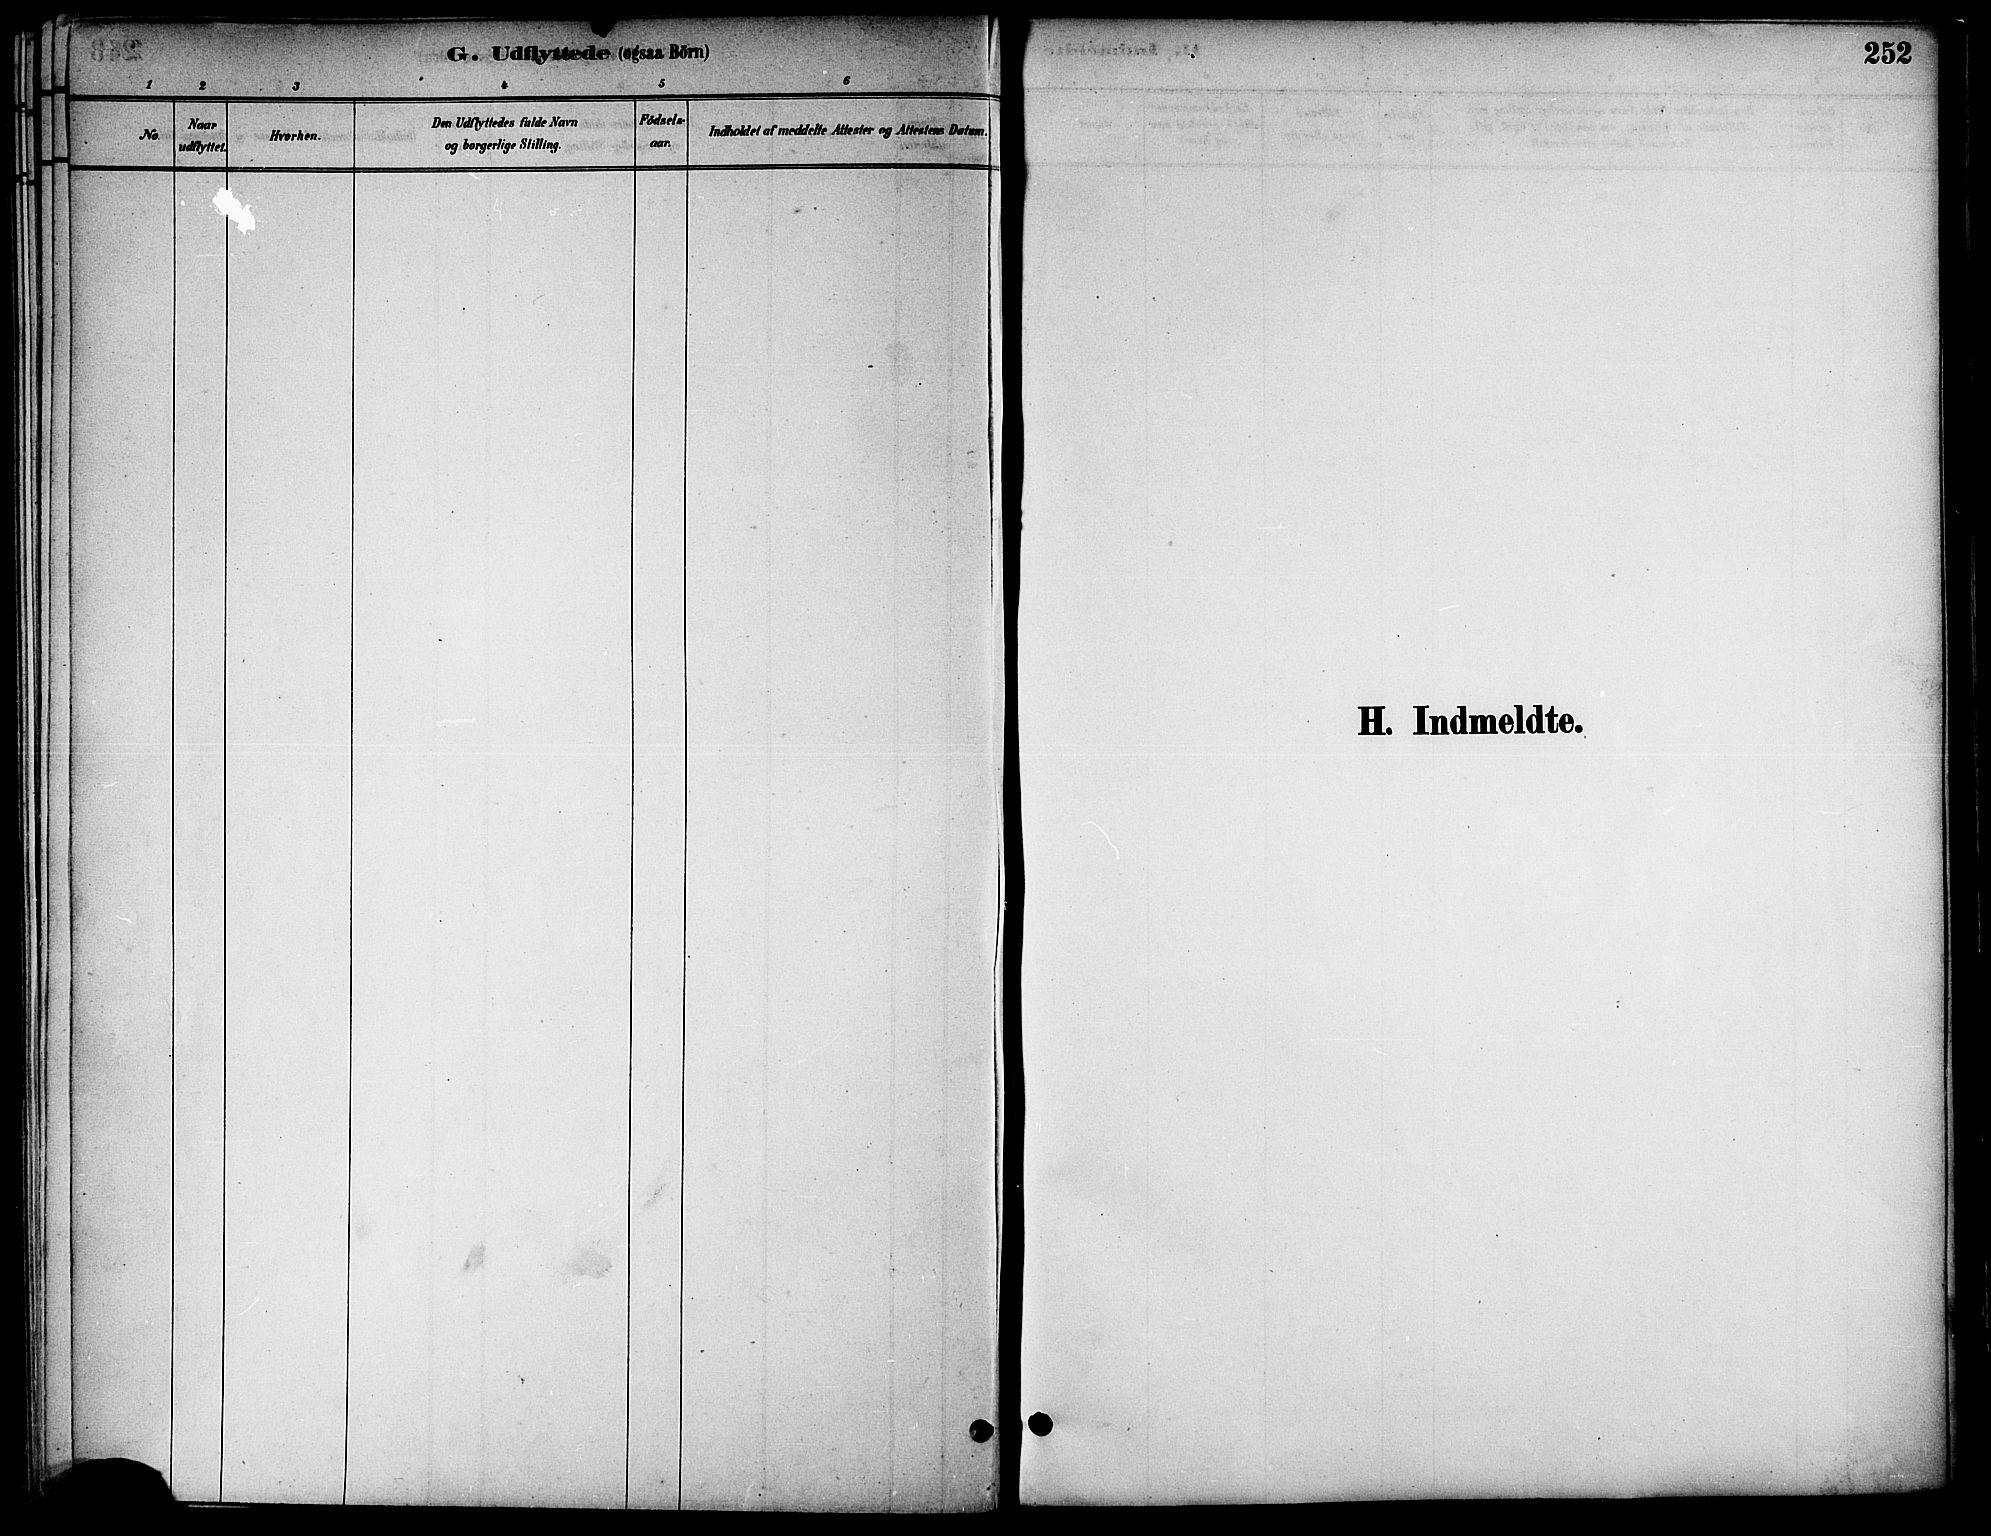 SAT, Ministerialprotokoller, klokkerbøker og fødselsregistre - Nord-Trøndelag, 739/L0371: Ministerialbok nr. 739A03, 1881-1895, s. 252